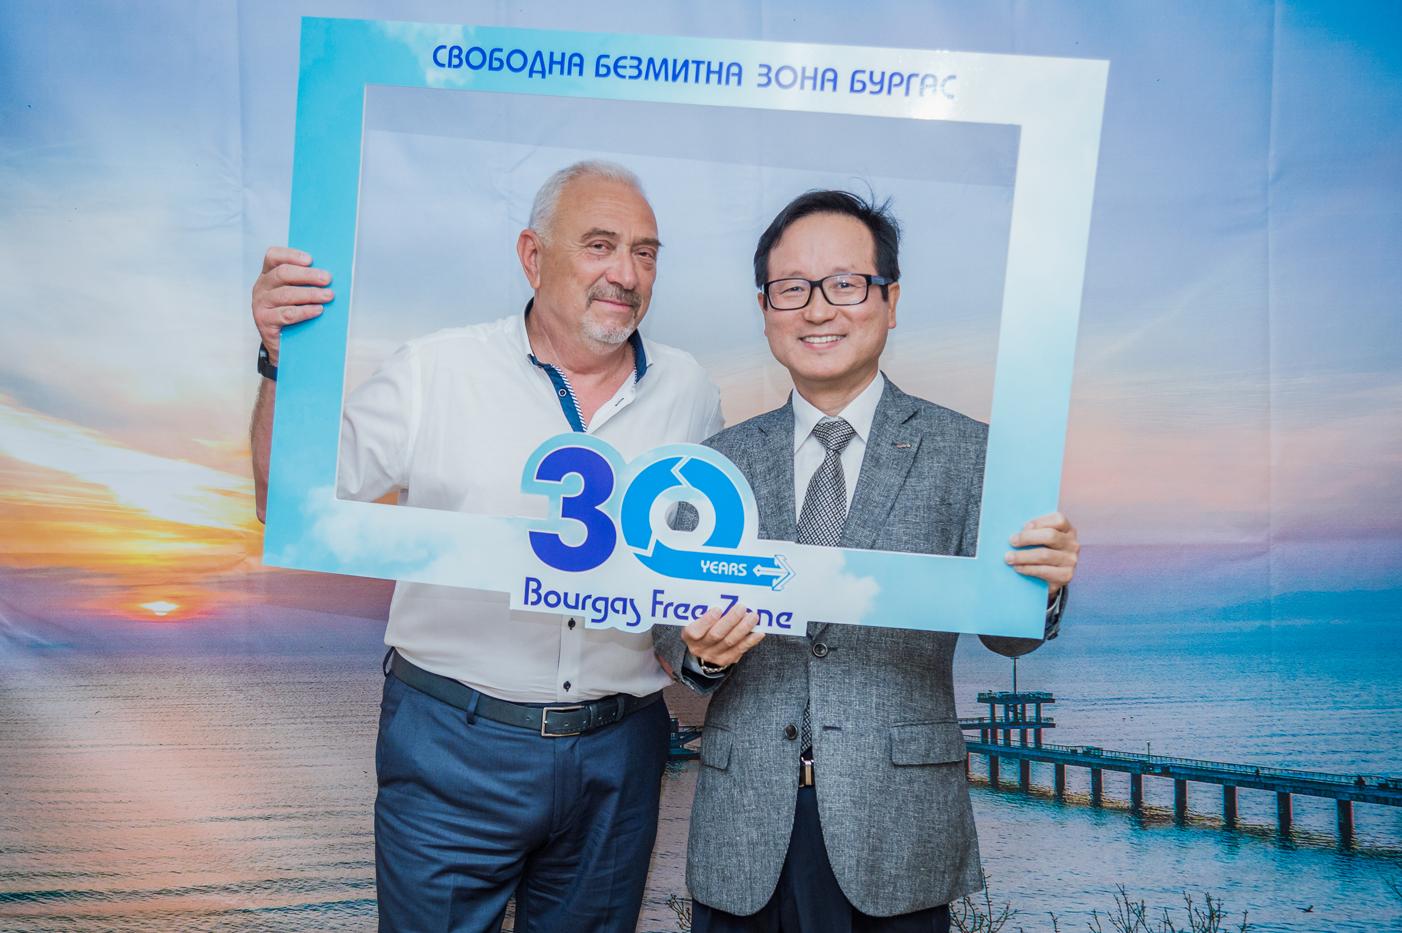 Генералният директор на КОТРА България Джънг Йонг-Джонг посети Бургас                         за 30-ата годишнина на Свободна безмитна зона